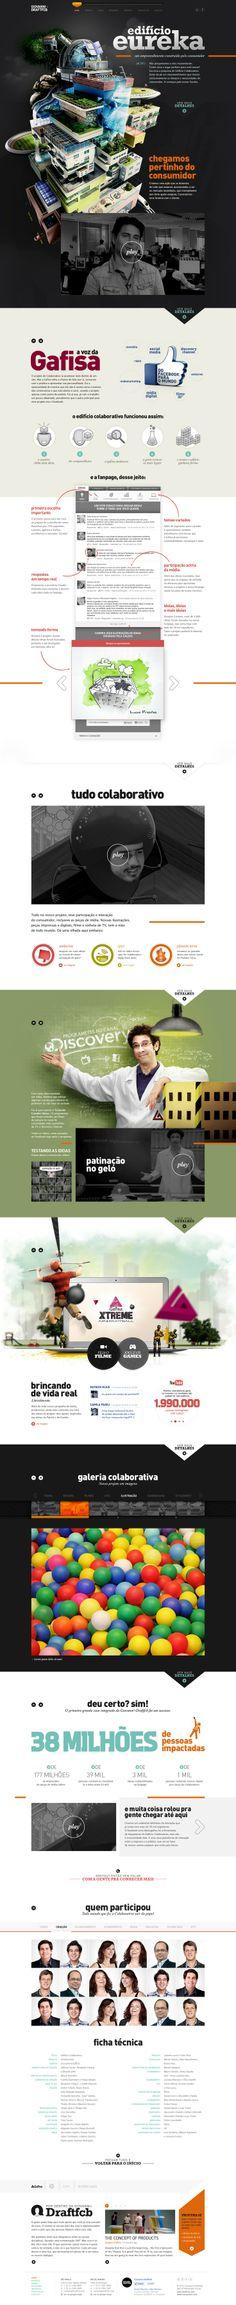 Ideas & Inspirations für Web Designs Case Gafisa - Giovanni+Draftfcb (giovannidraftfcb.com.br) Schweizer Webdesign http://www.swisswebwork.ch